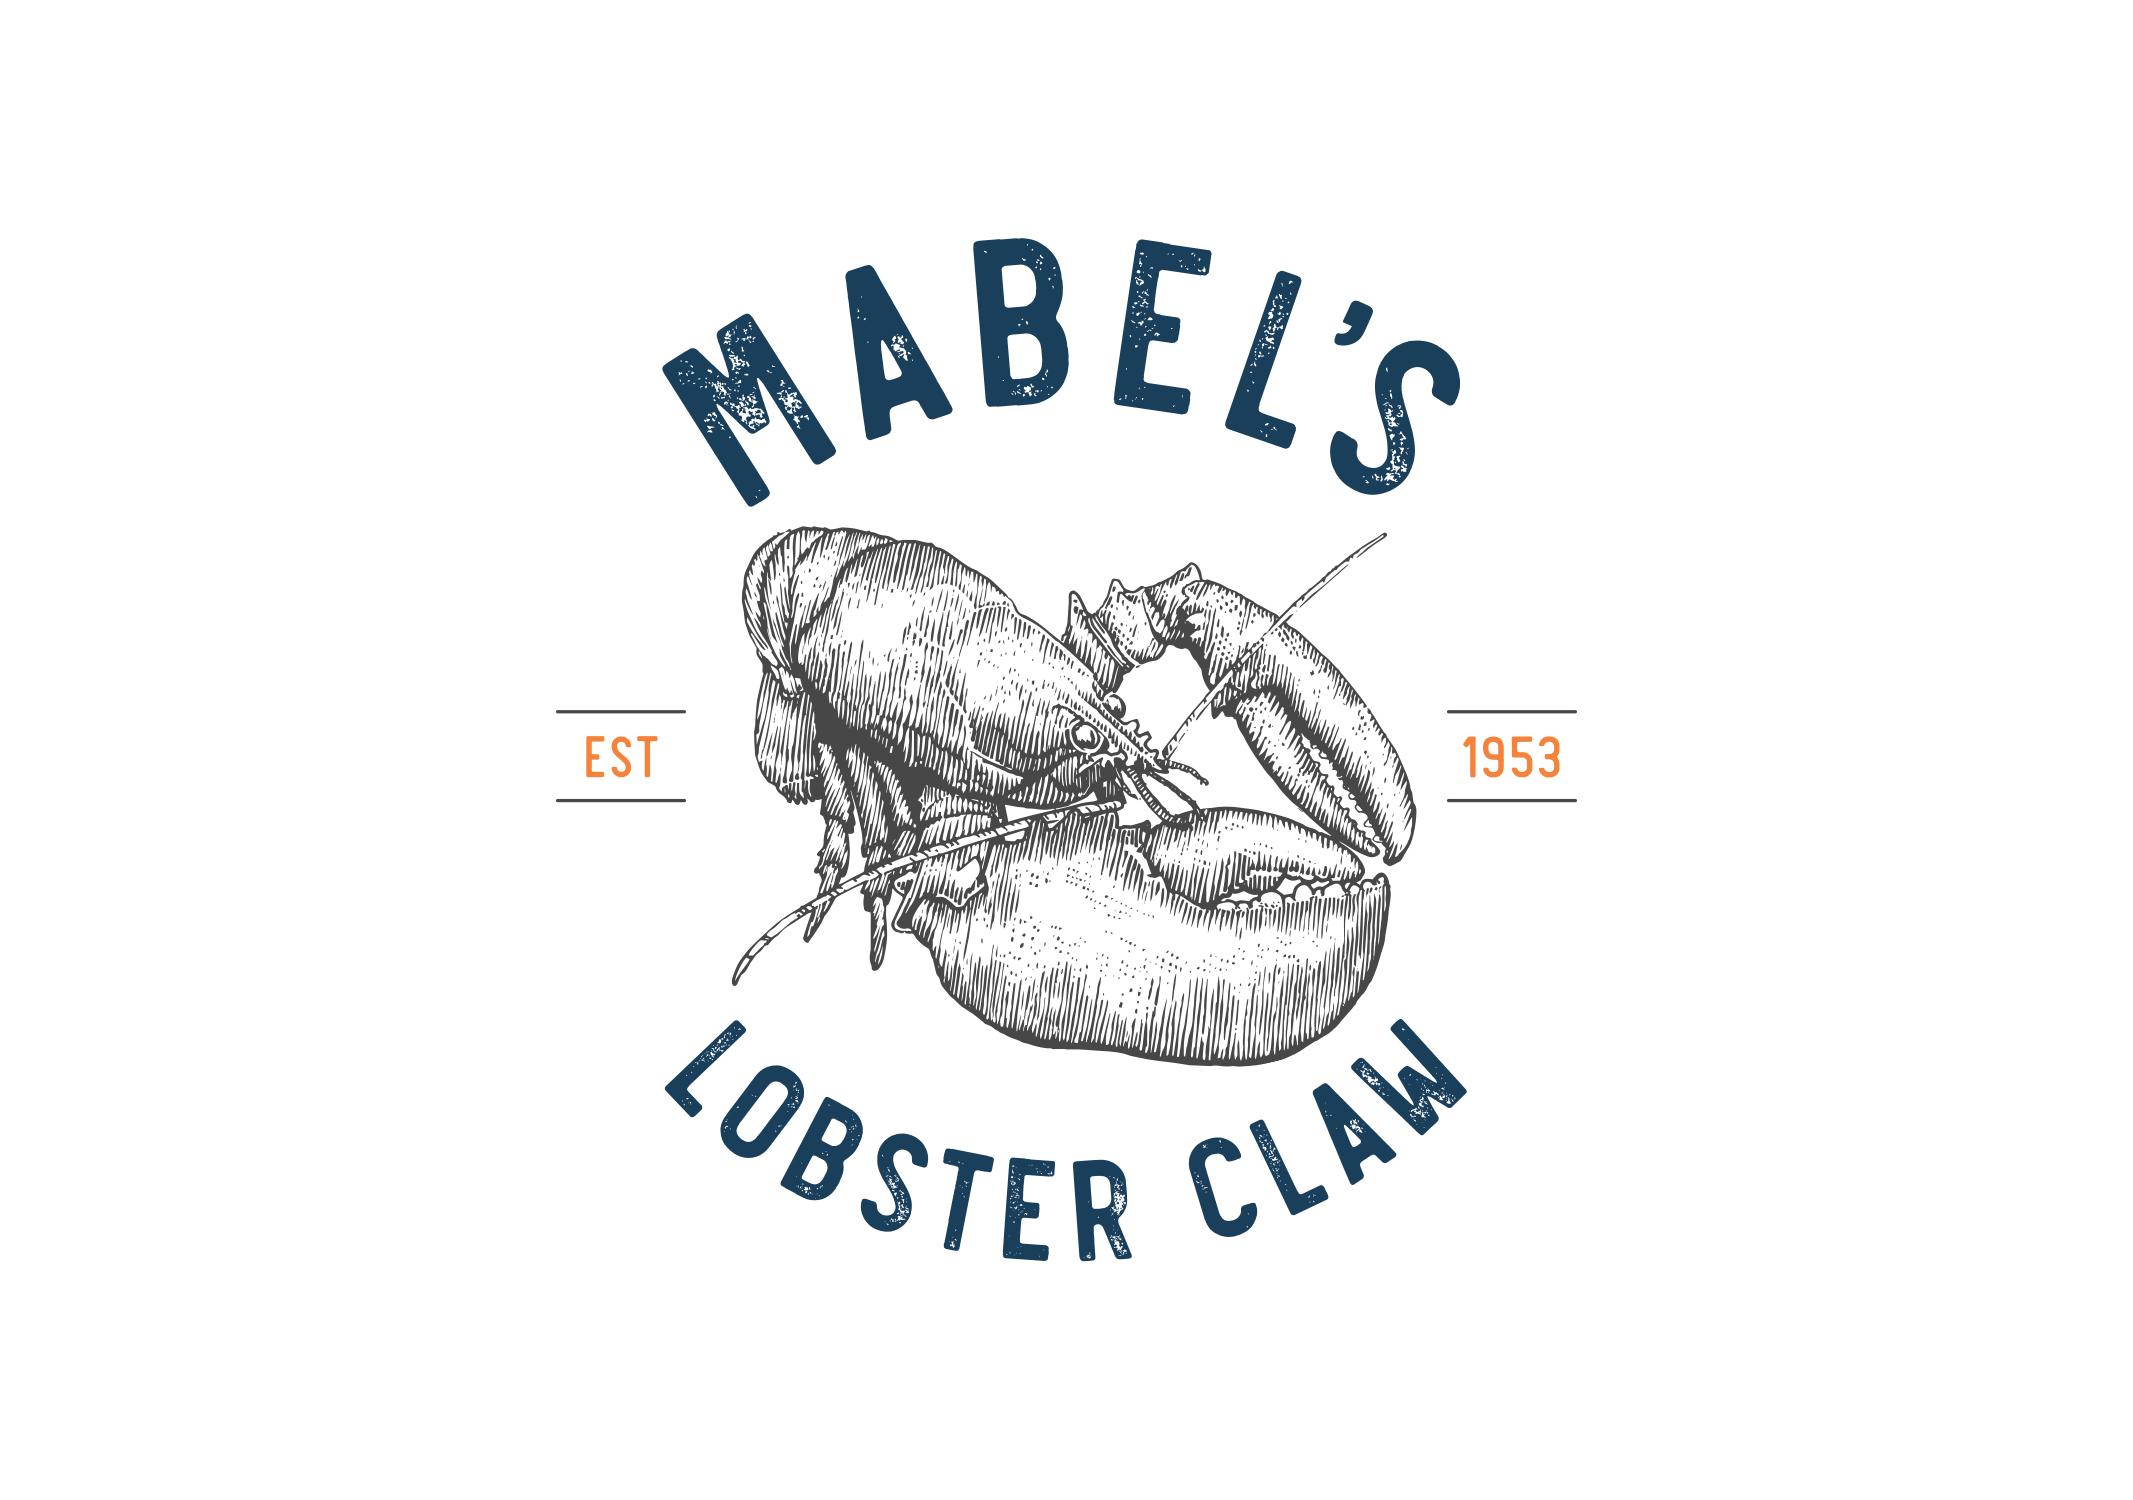 Mabels-1.jpg